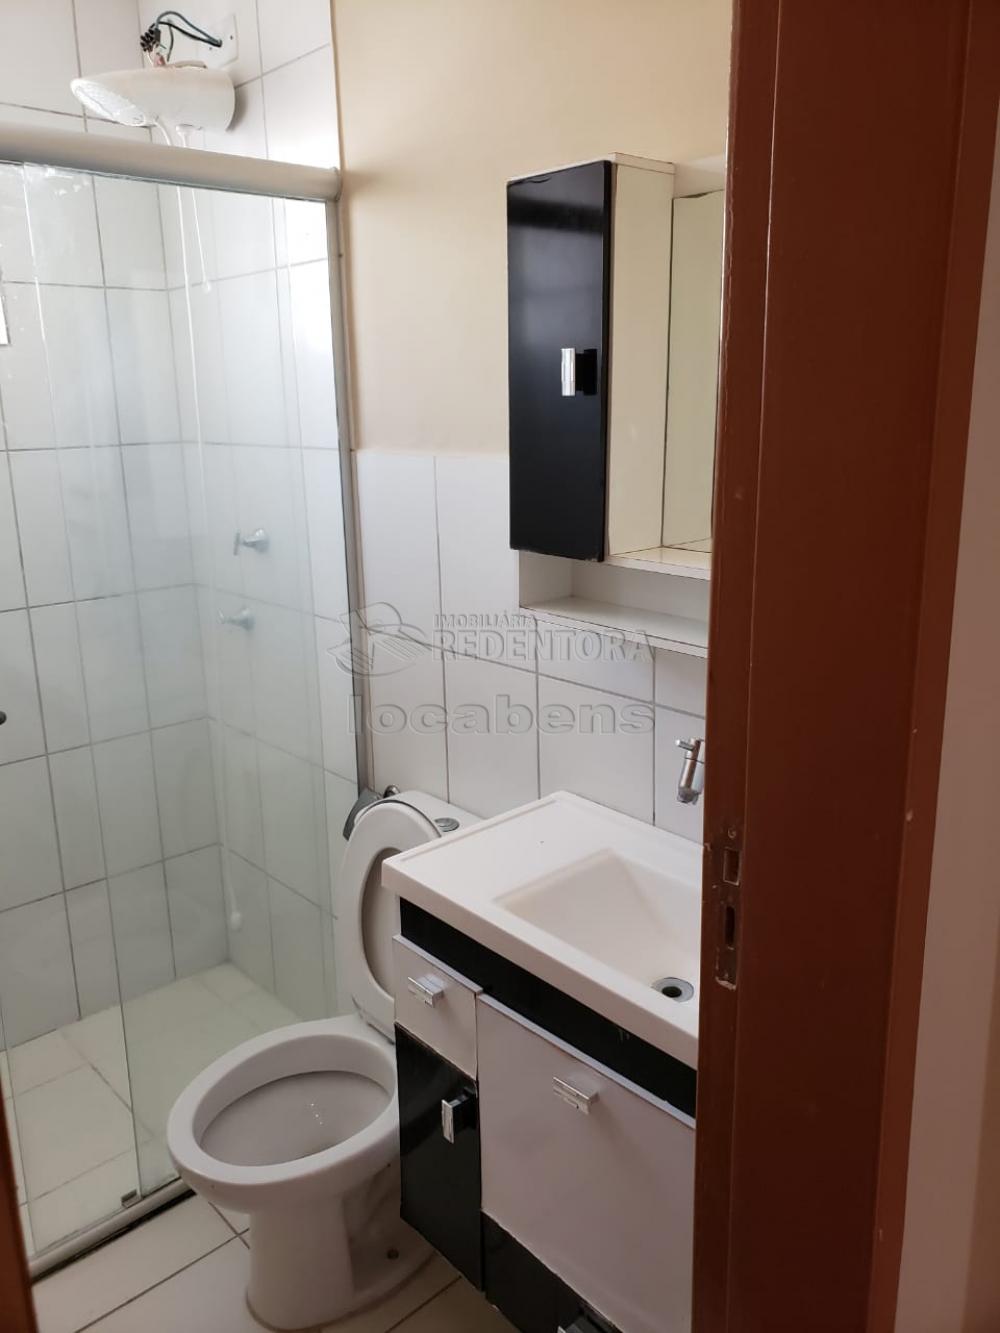 Comprar Apartamento / Padrão em São José do Rio Preto apenas R$ 125.000,00 - Foto 8